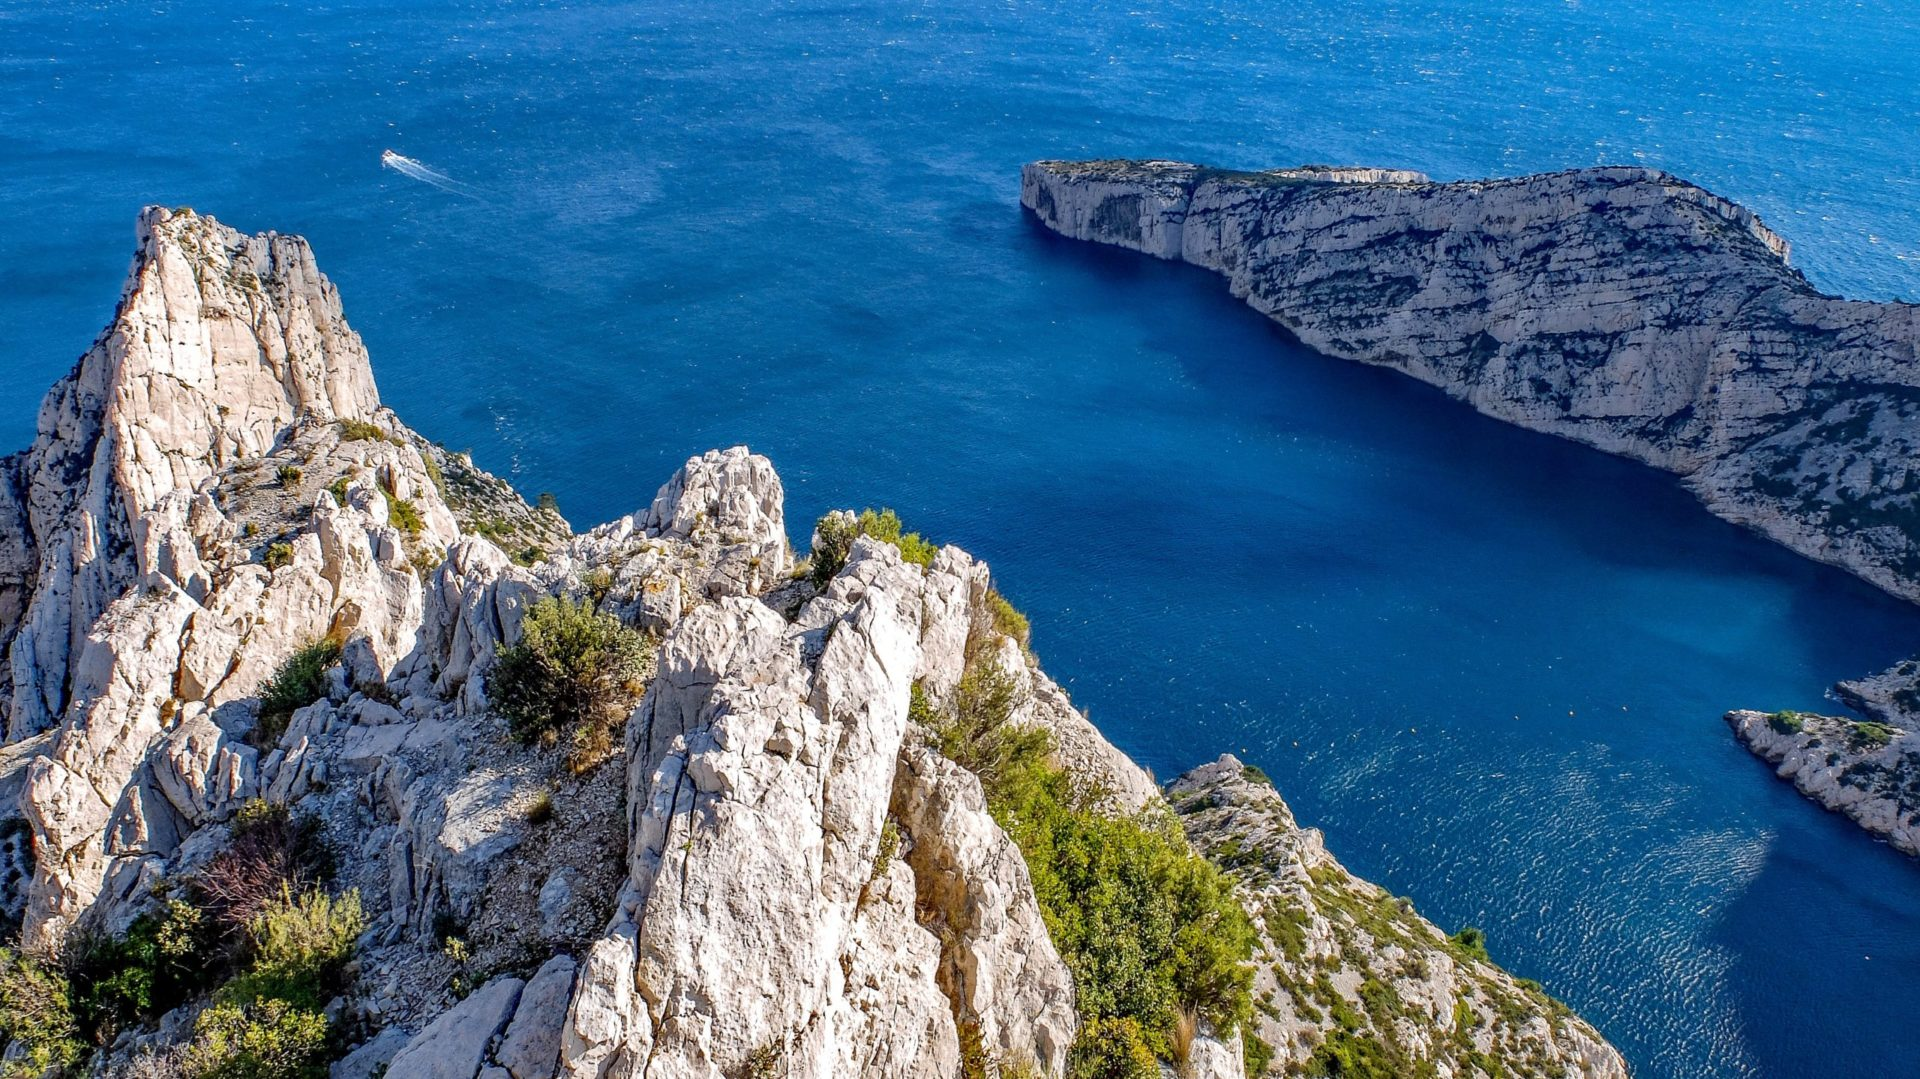 Wassertemperatur Marseille: Blick von den Kalksteinklippen des Massif des Calanques aufs dunkelblaue Mittelmeer der Felsbucht Calanque de Morgiou